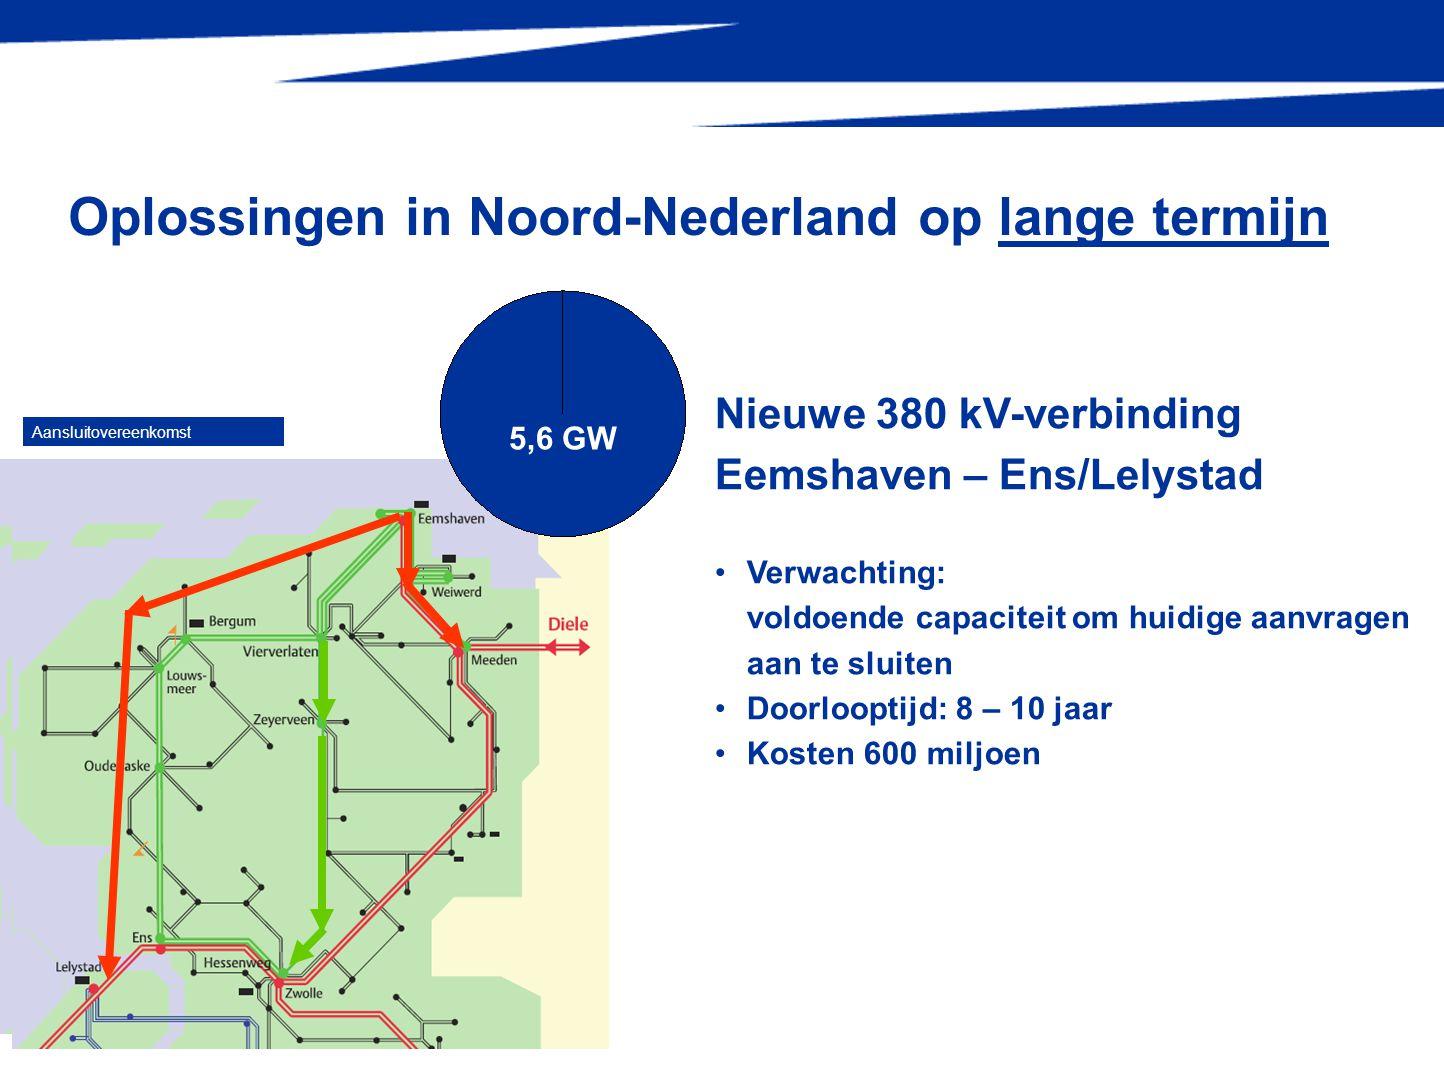 10 Oplossingen in Noord-Nederland op lange termijn 5,3 GW Nieuwe 380 kV-verbinding Eemshaven – Ens/Lelystad •Verwachting: voldoende capaciteit om huidige aanvragen aan te sluiten •Doorlooptijd: 8 – 10 jaar •Kosten 600 miljoen Aansluitovereenkomst Hoogev een 5,6 GW